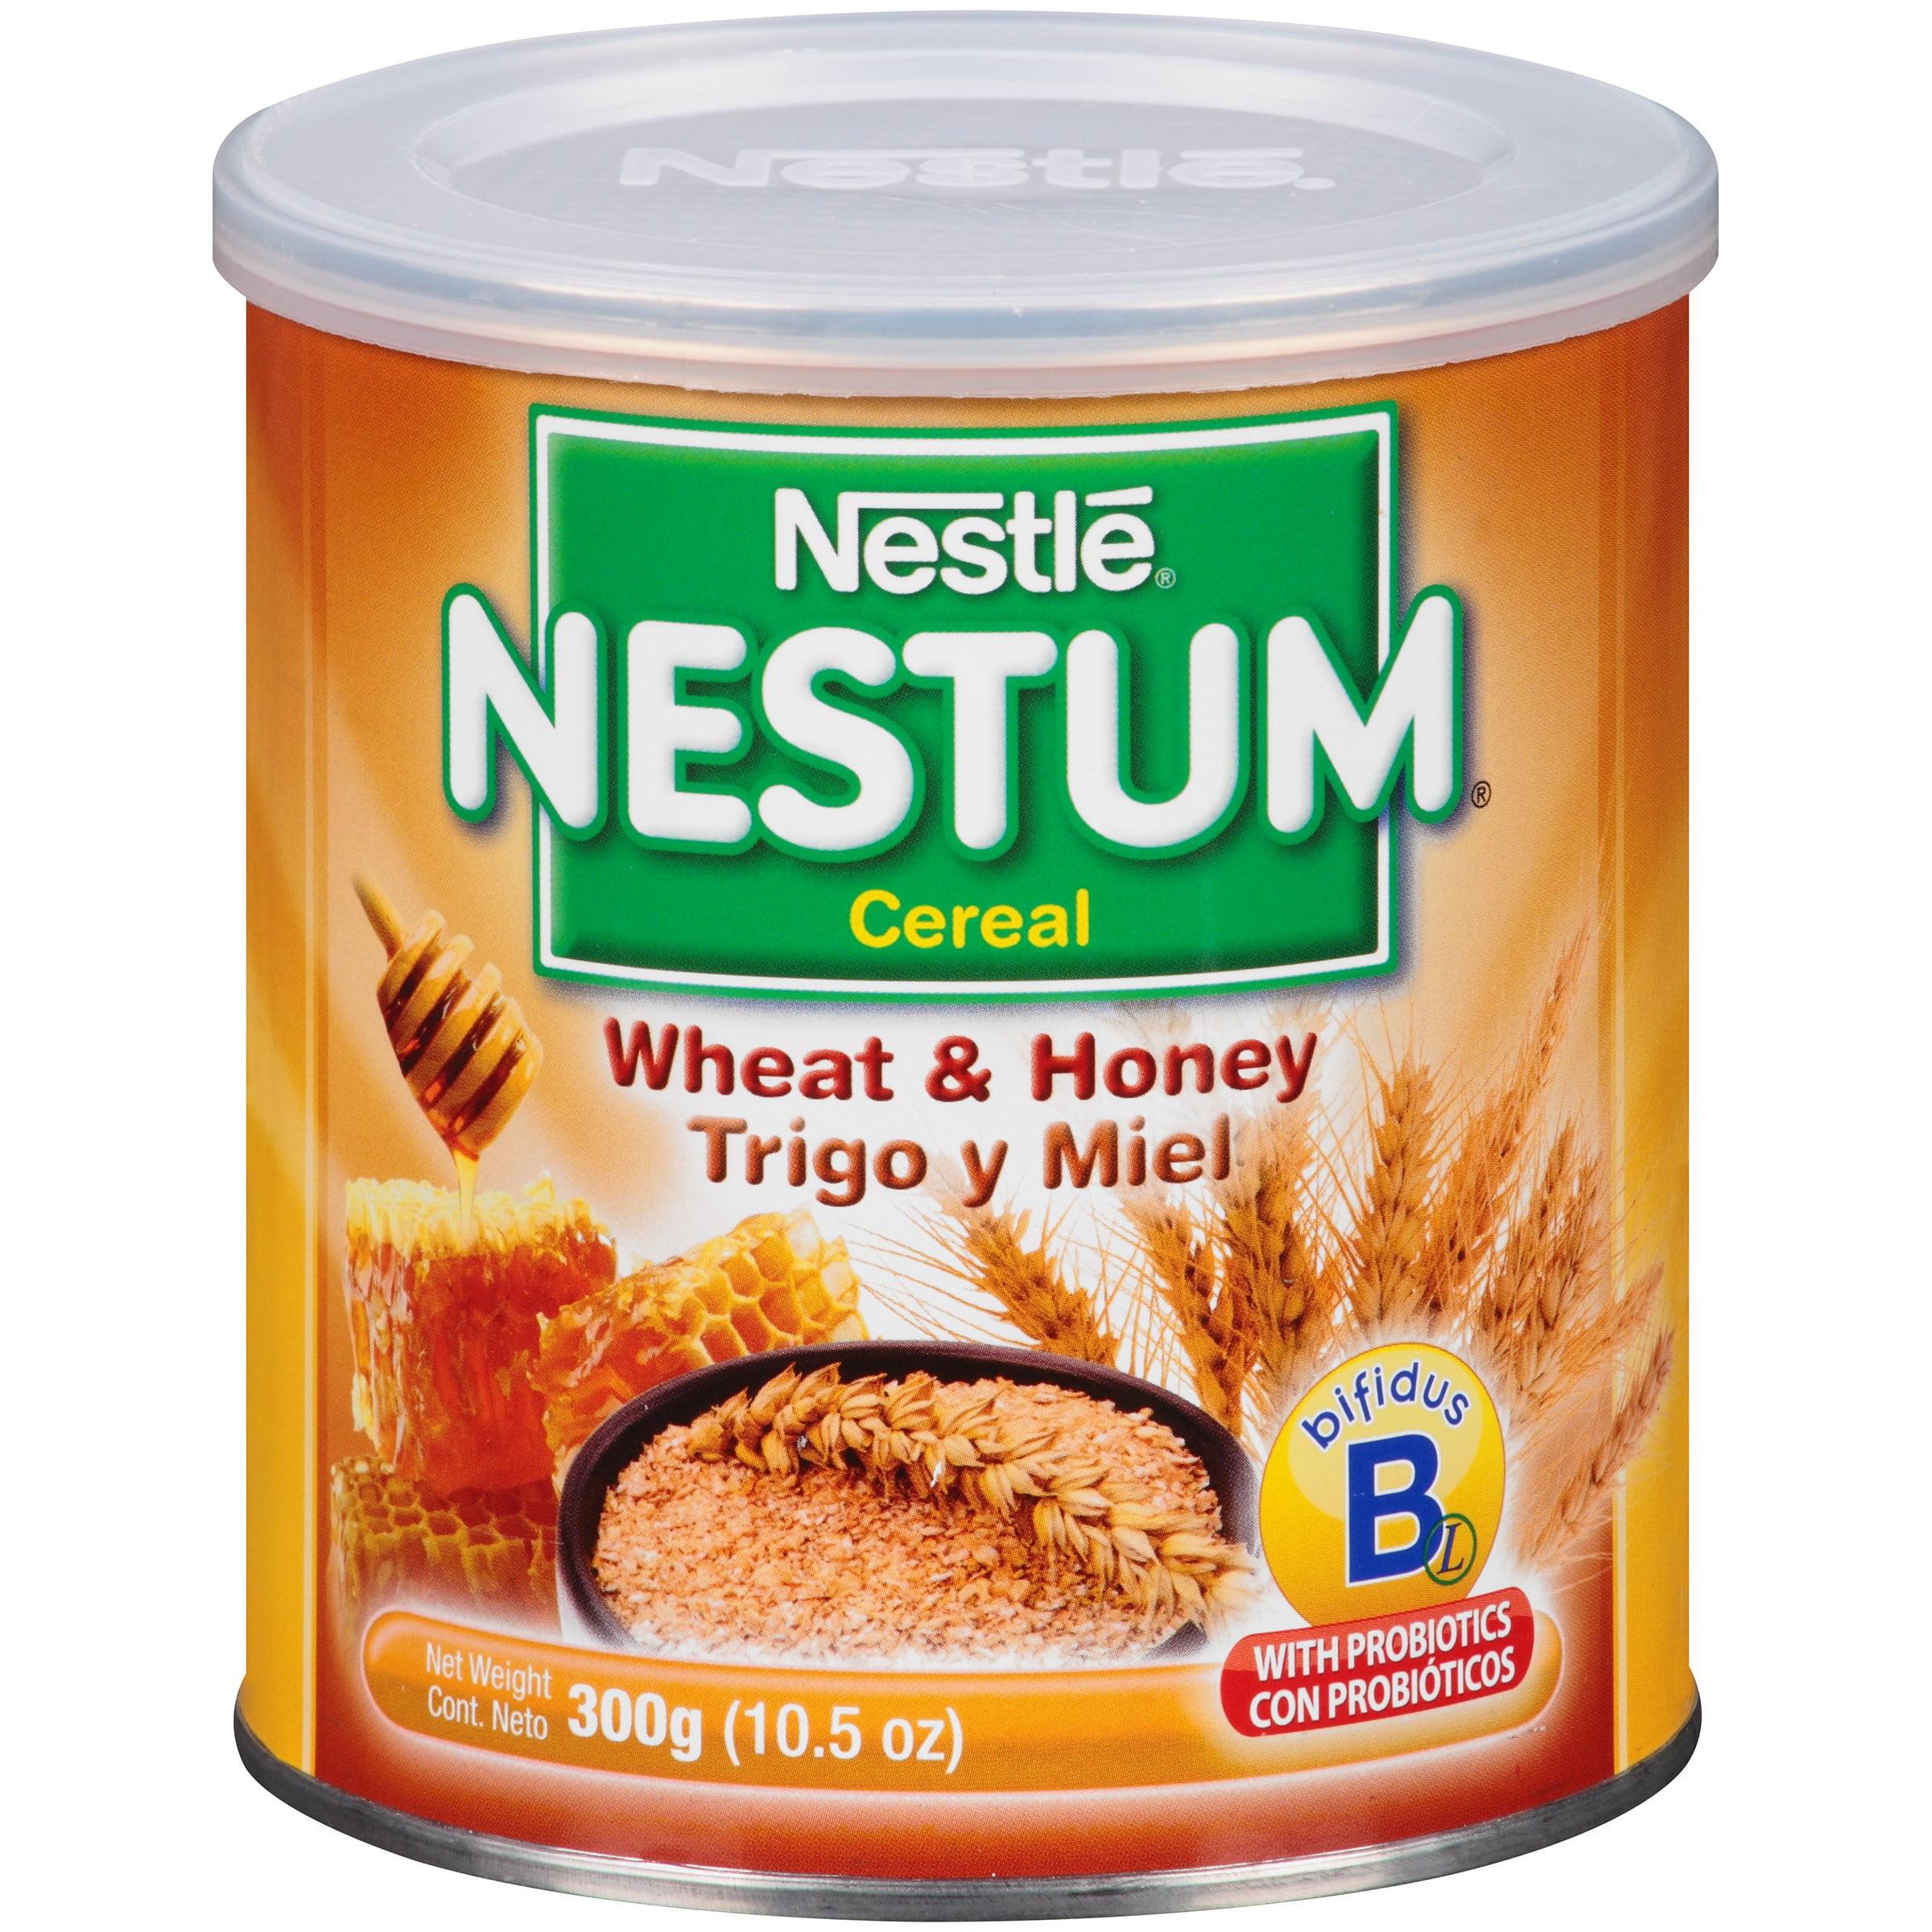 Nestle Nestum Breakfast Cereal, Wheat & Honey, 10.5 Oz